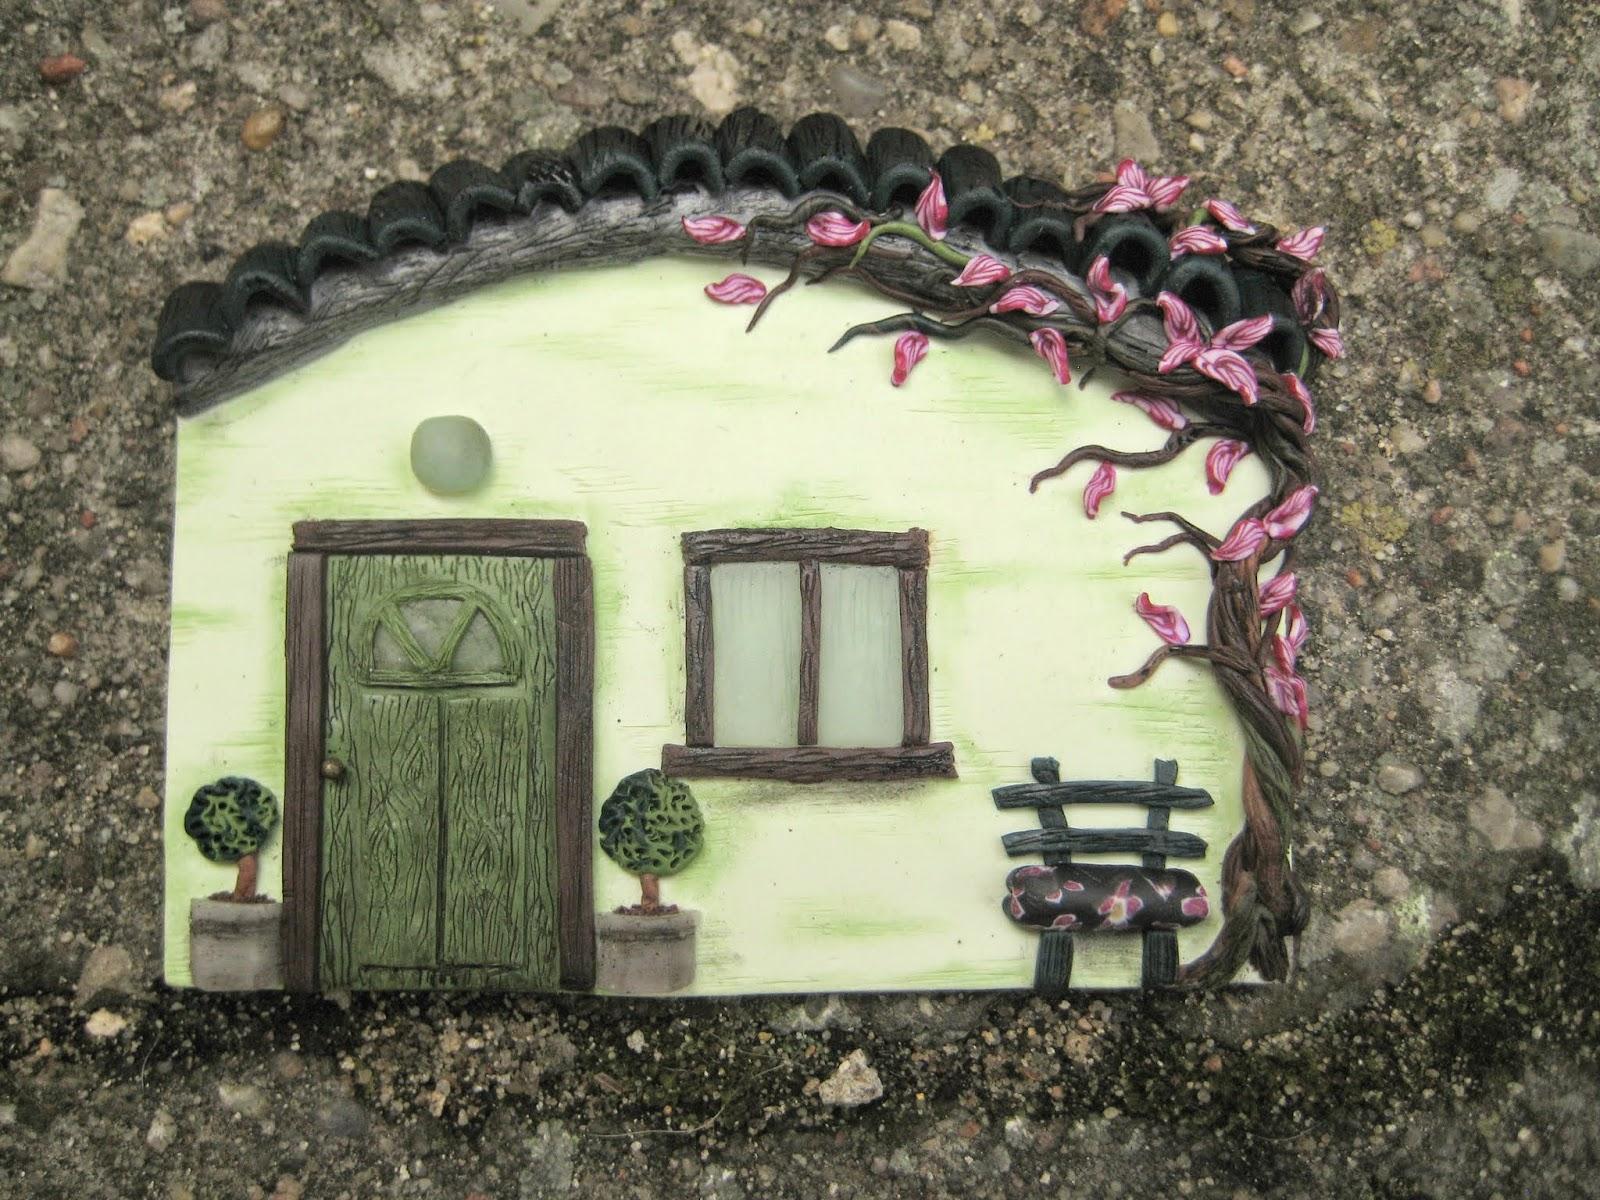 magnes , fridgemagnet, house, home